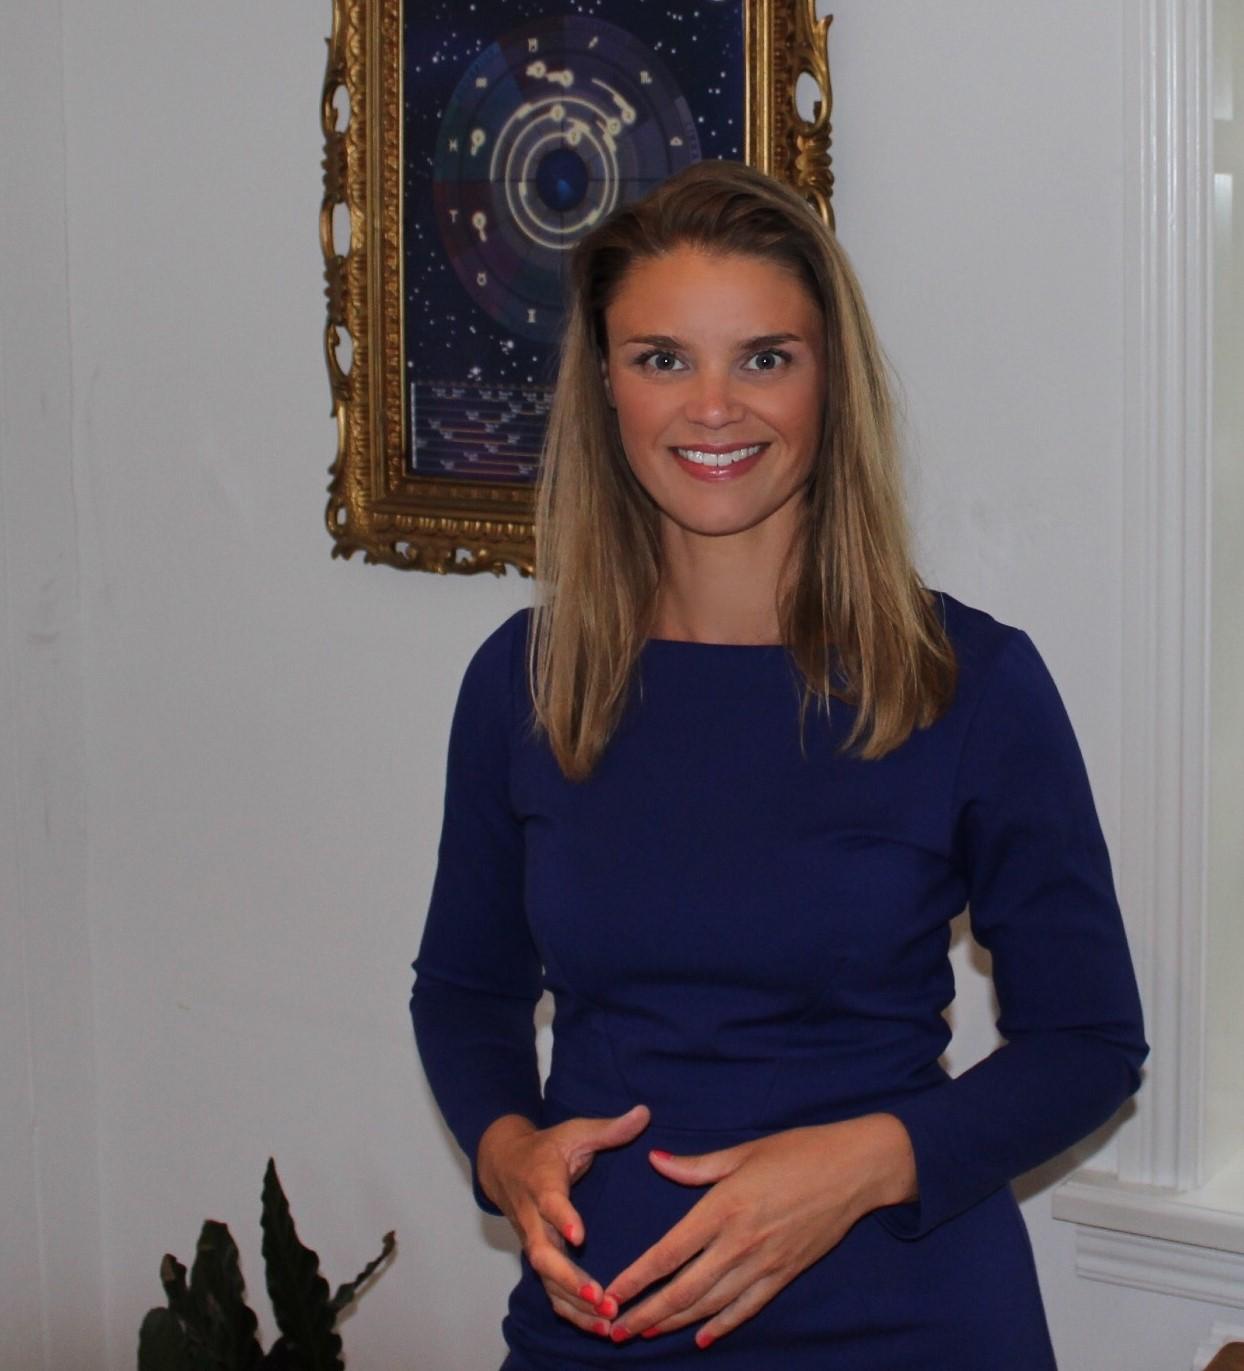 Profilbillede 3.jpg